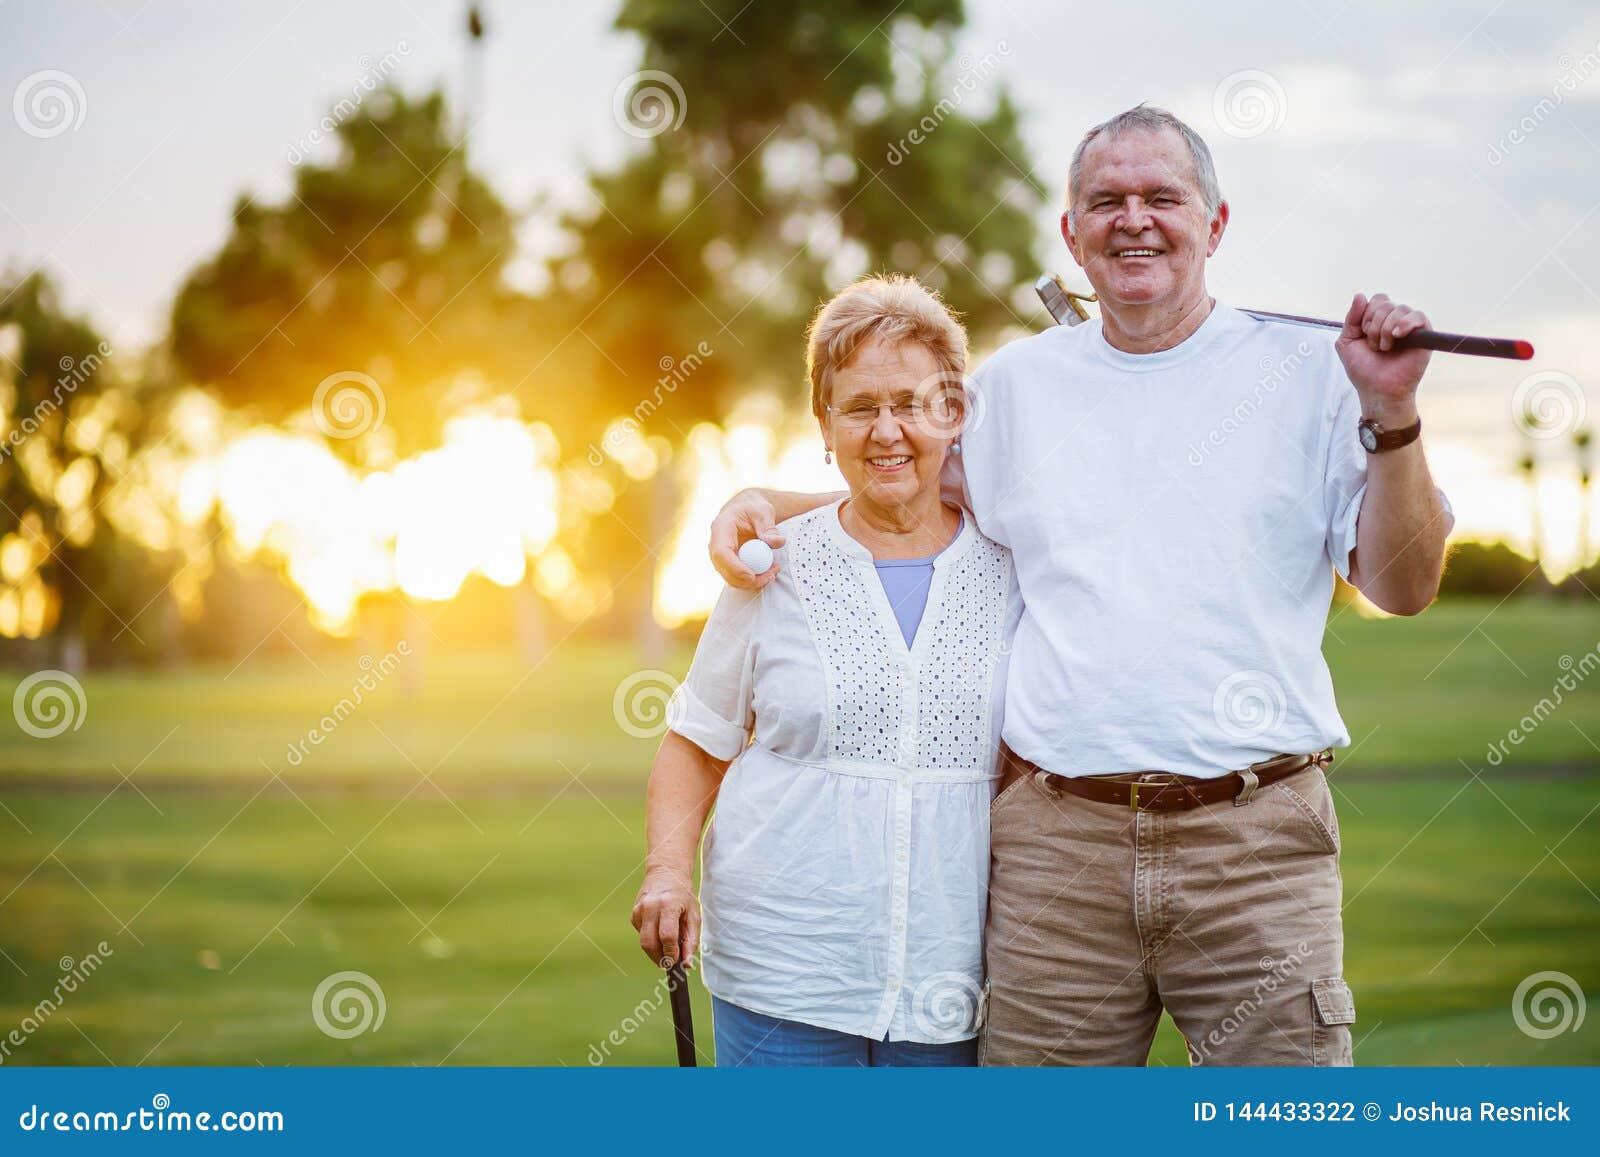 Портрет счастливых старших пар наслаждаясь активным образом жизни играя гольф